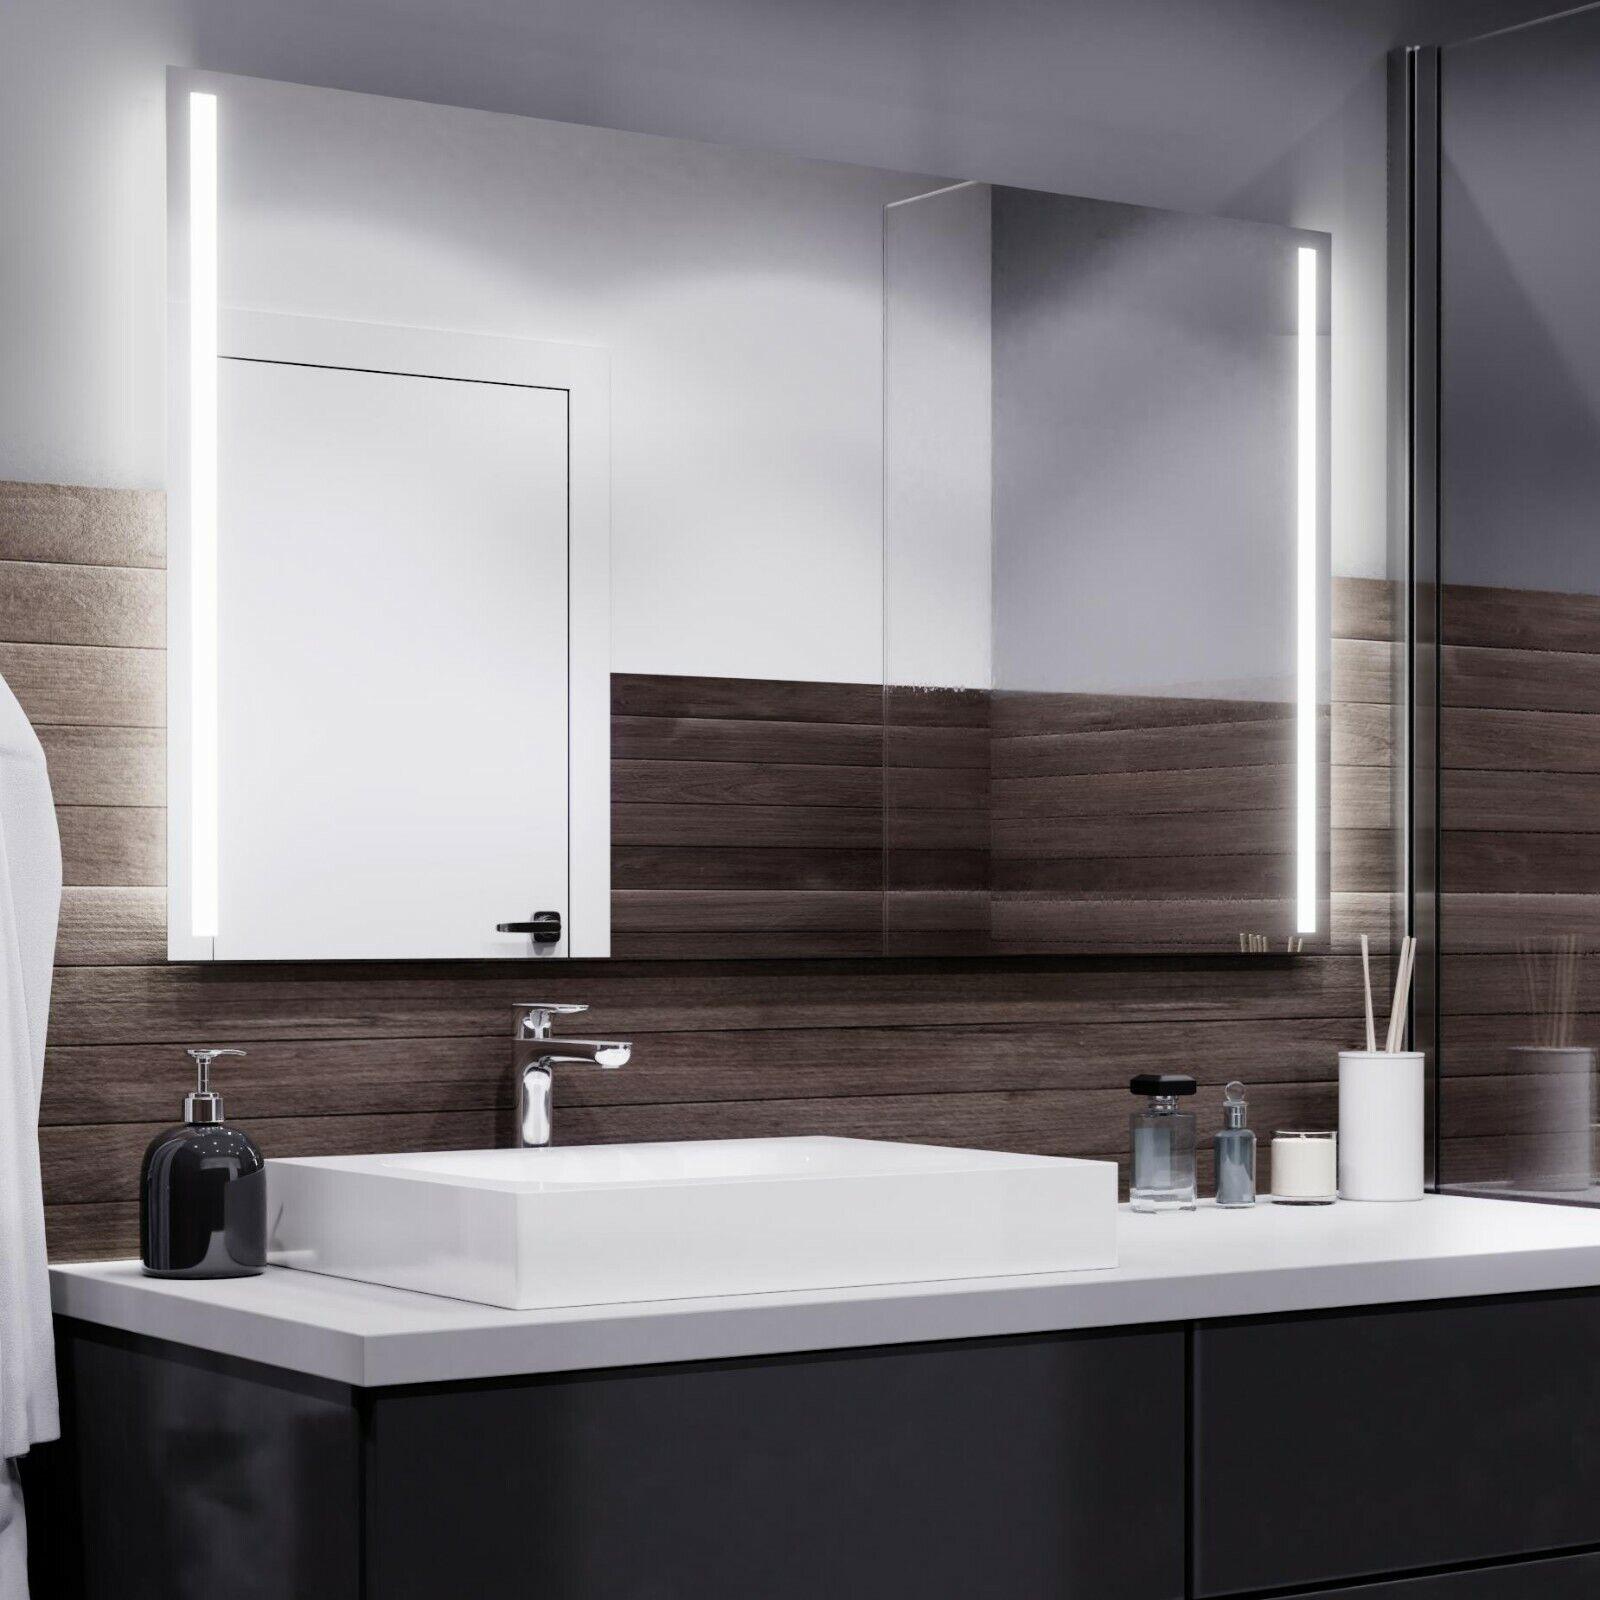 Maß Nach Wandspiegel Beleuchtung Mit Spiegel Led Mit